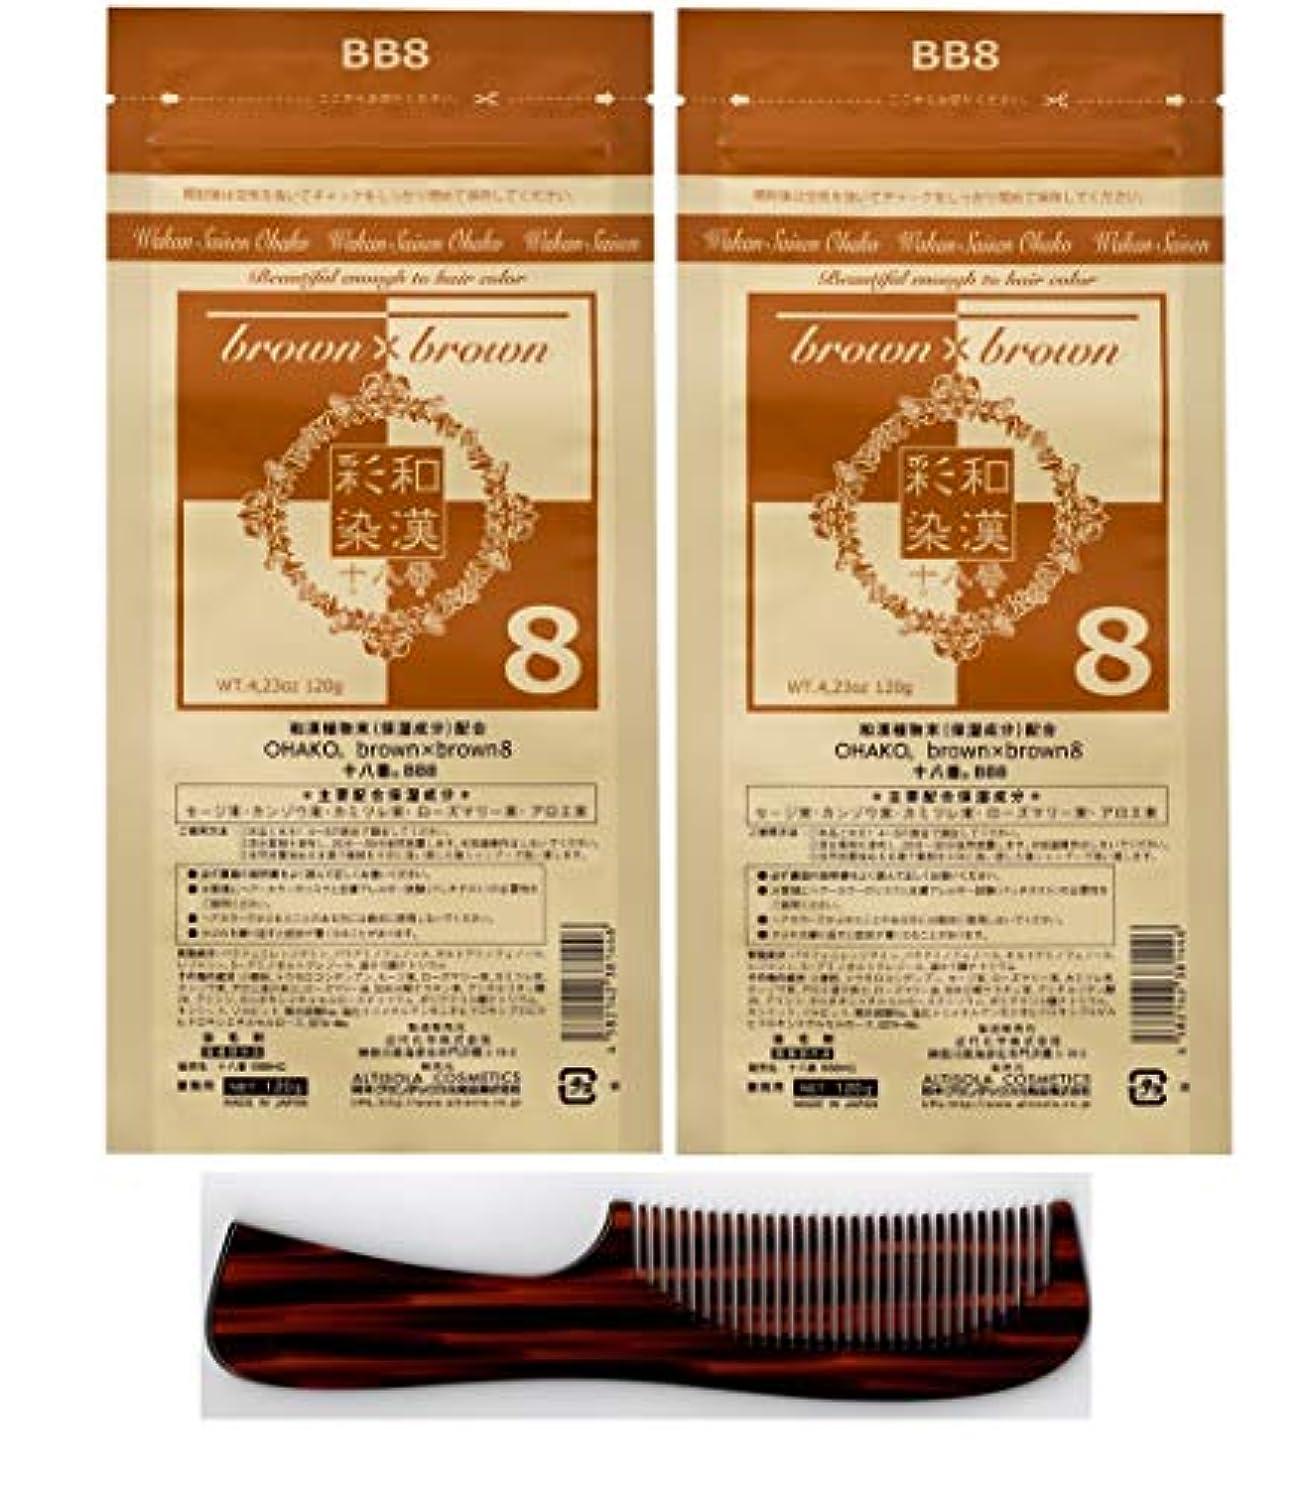 オーバーランログペック【2個セット+クシ付き】グランデックス 和漢彩染 十八番 120g BB8【2個+クシ付きセット】